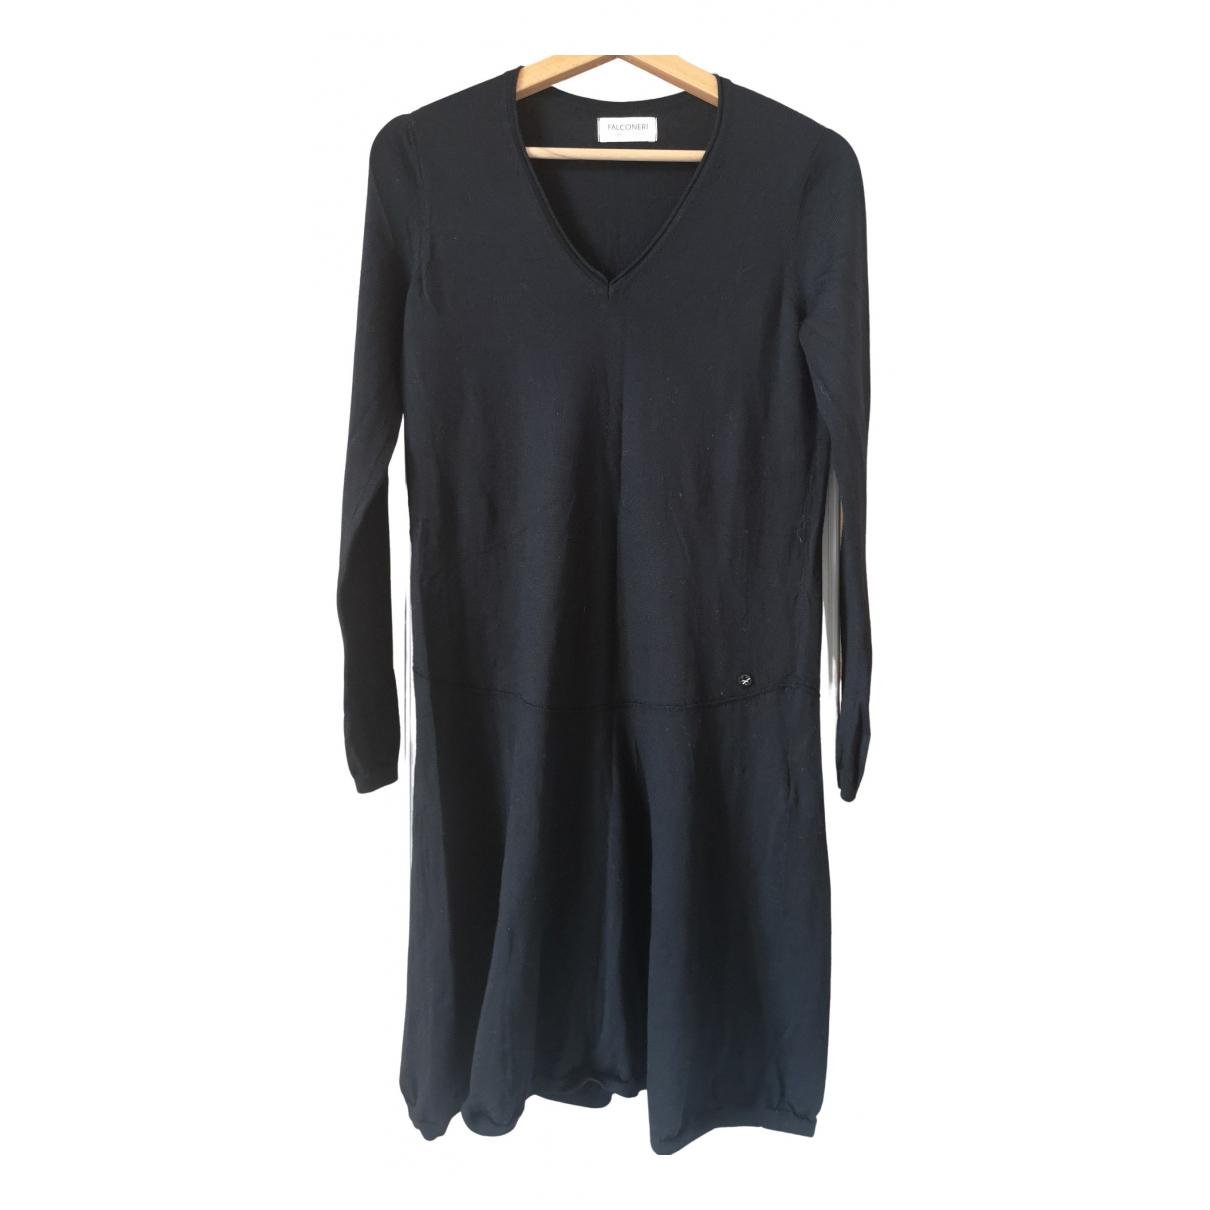 Falconeri \N Kleid in  Schwarz Wolle